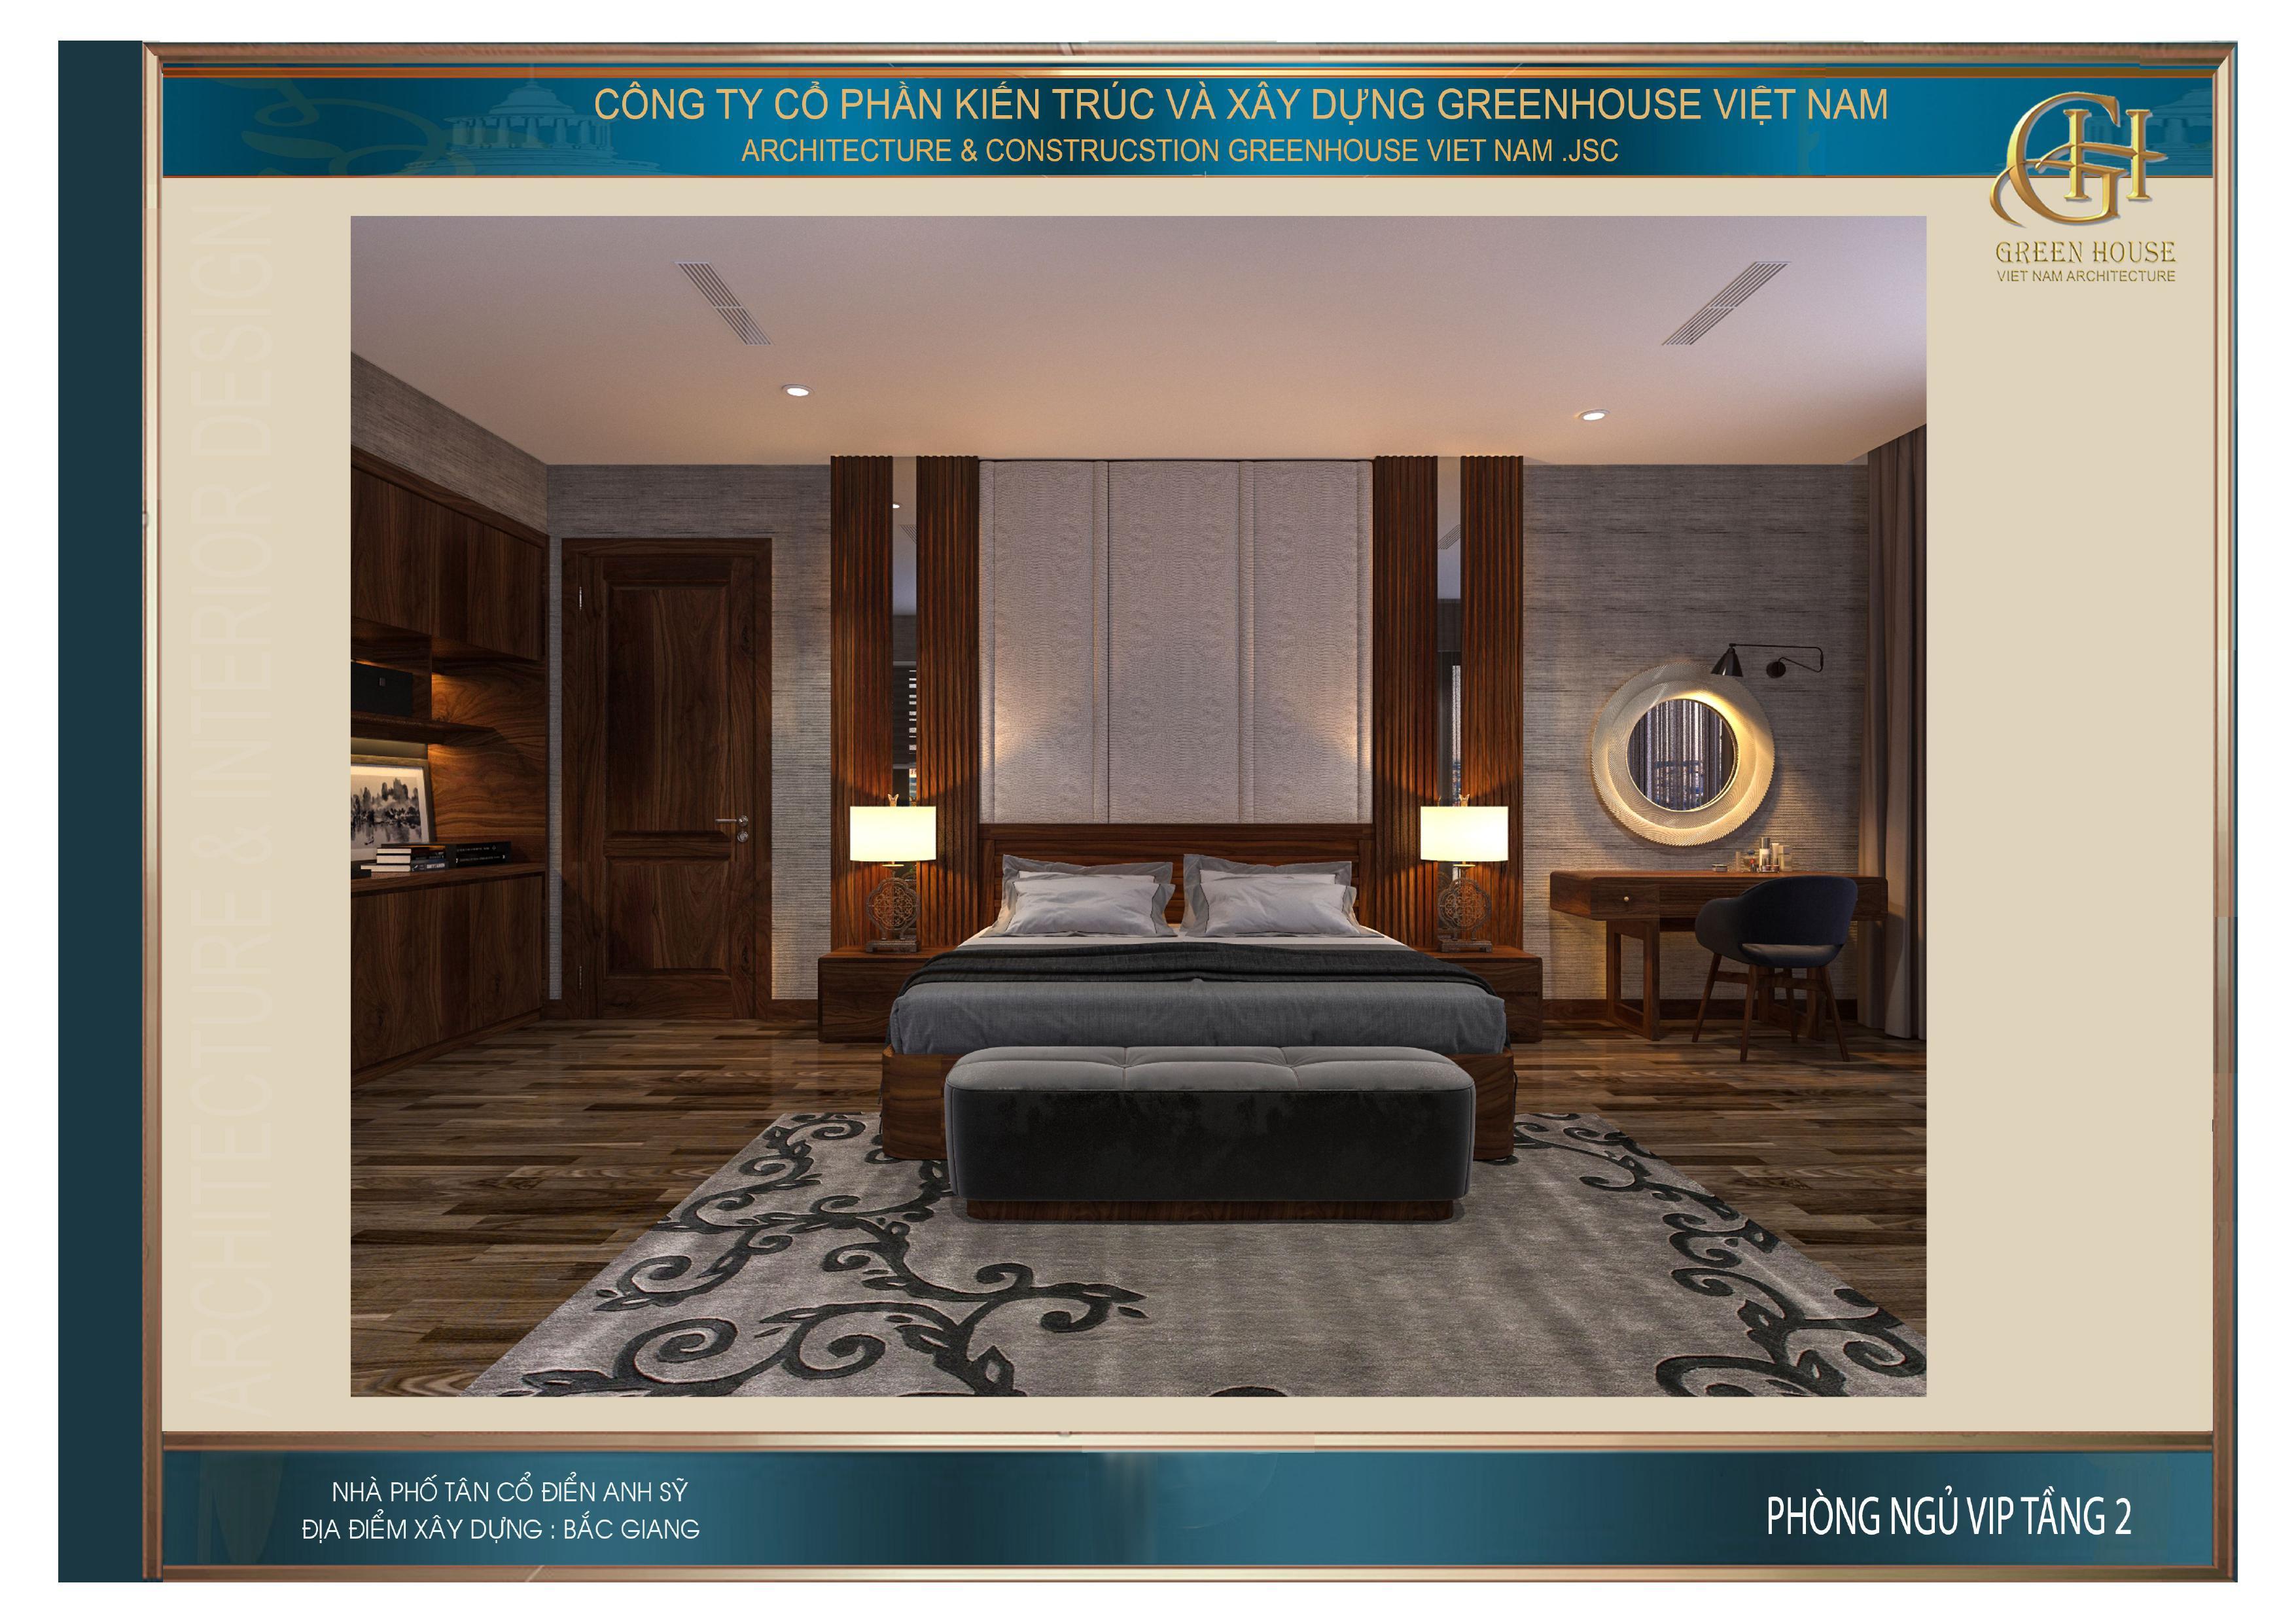 Đồ nội thất gỗ hiện diện trong cả căn phòng